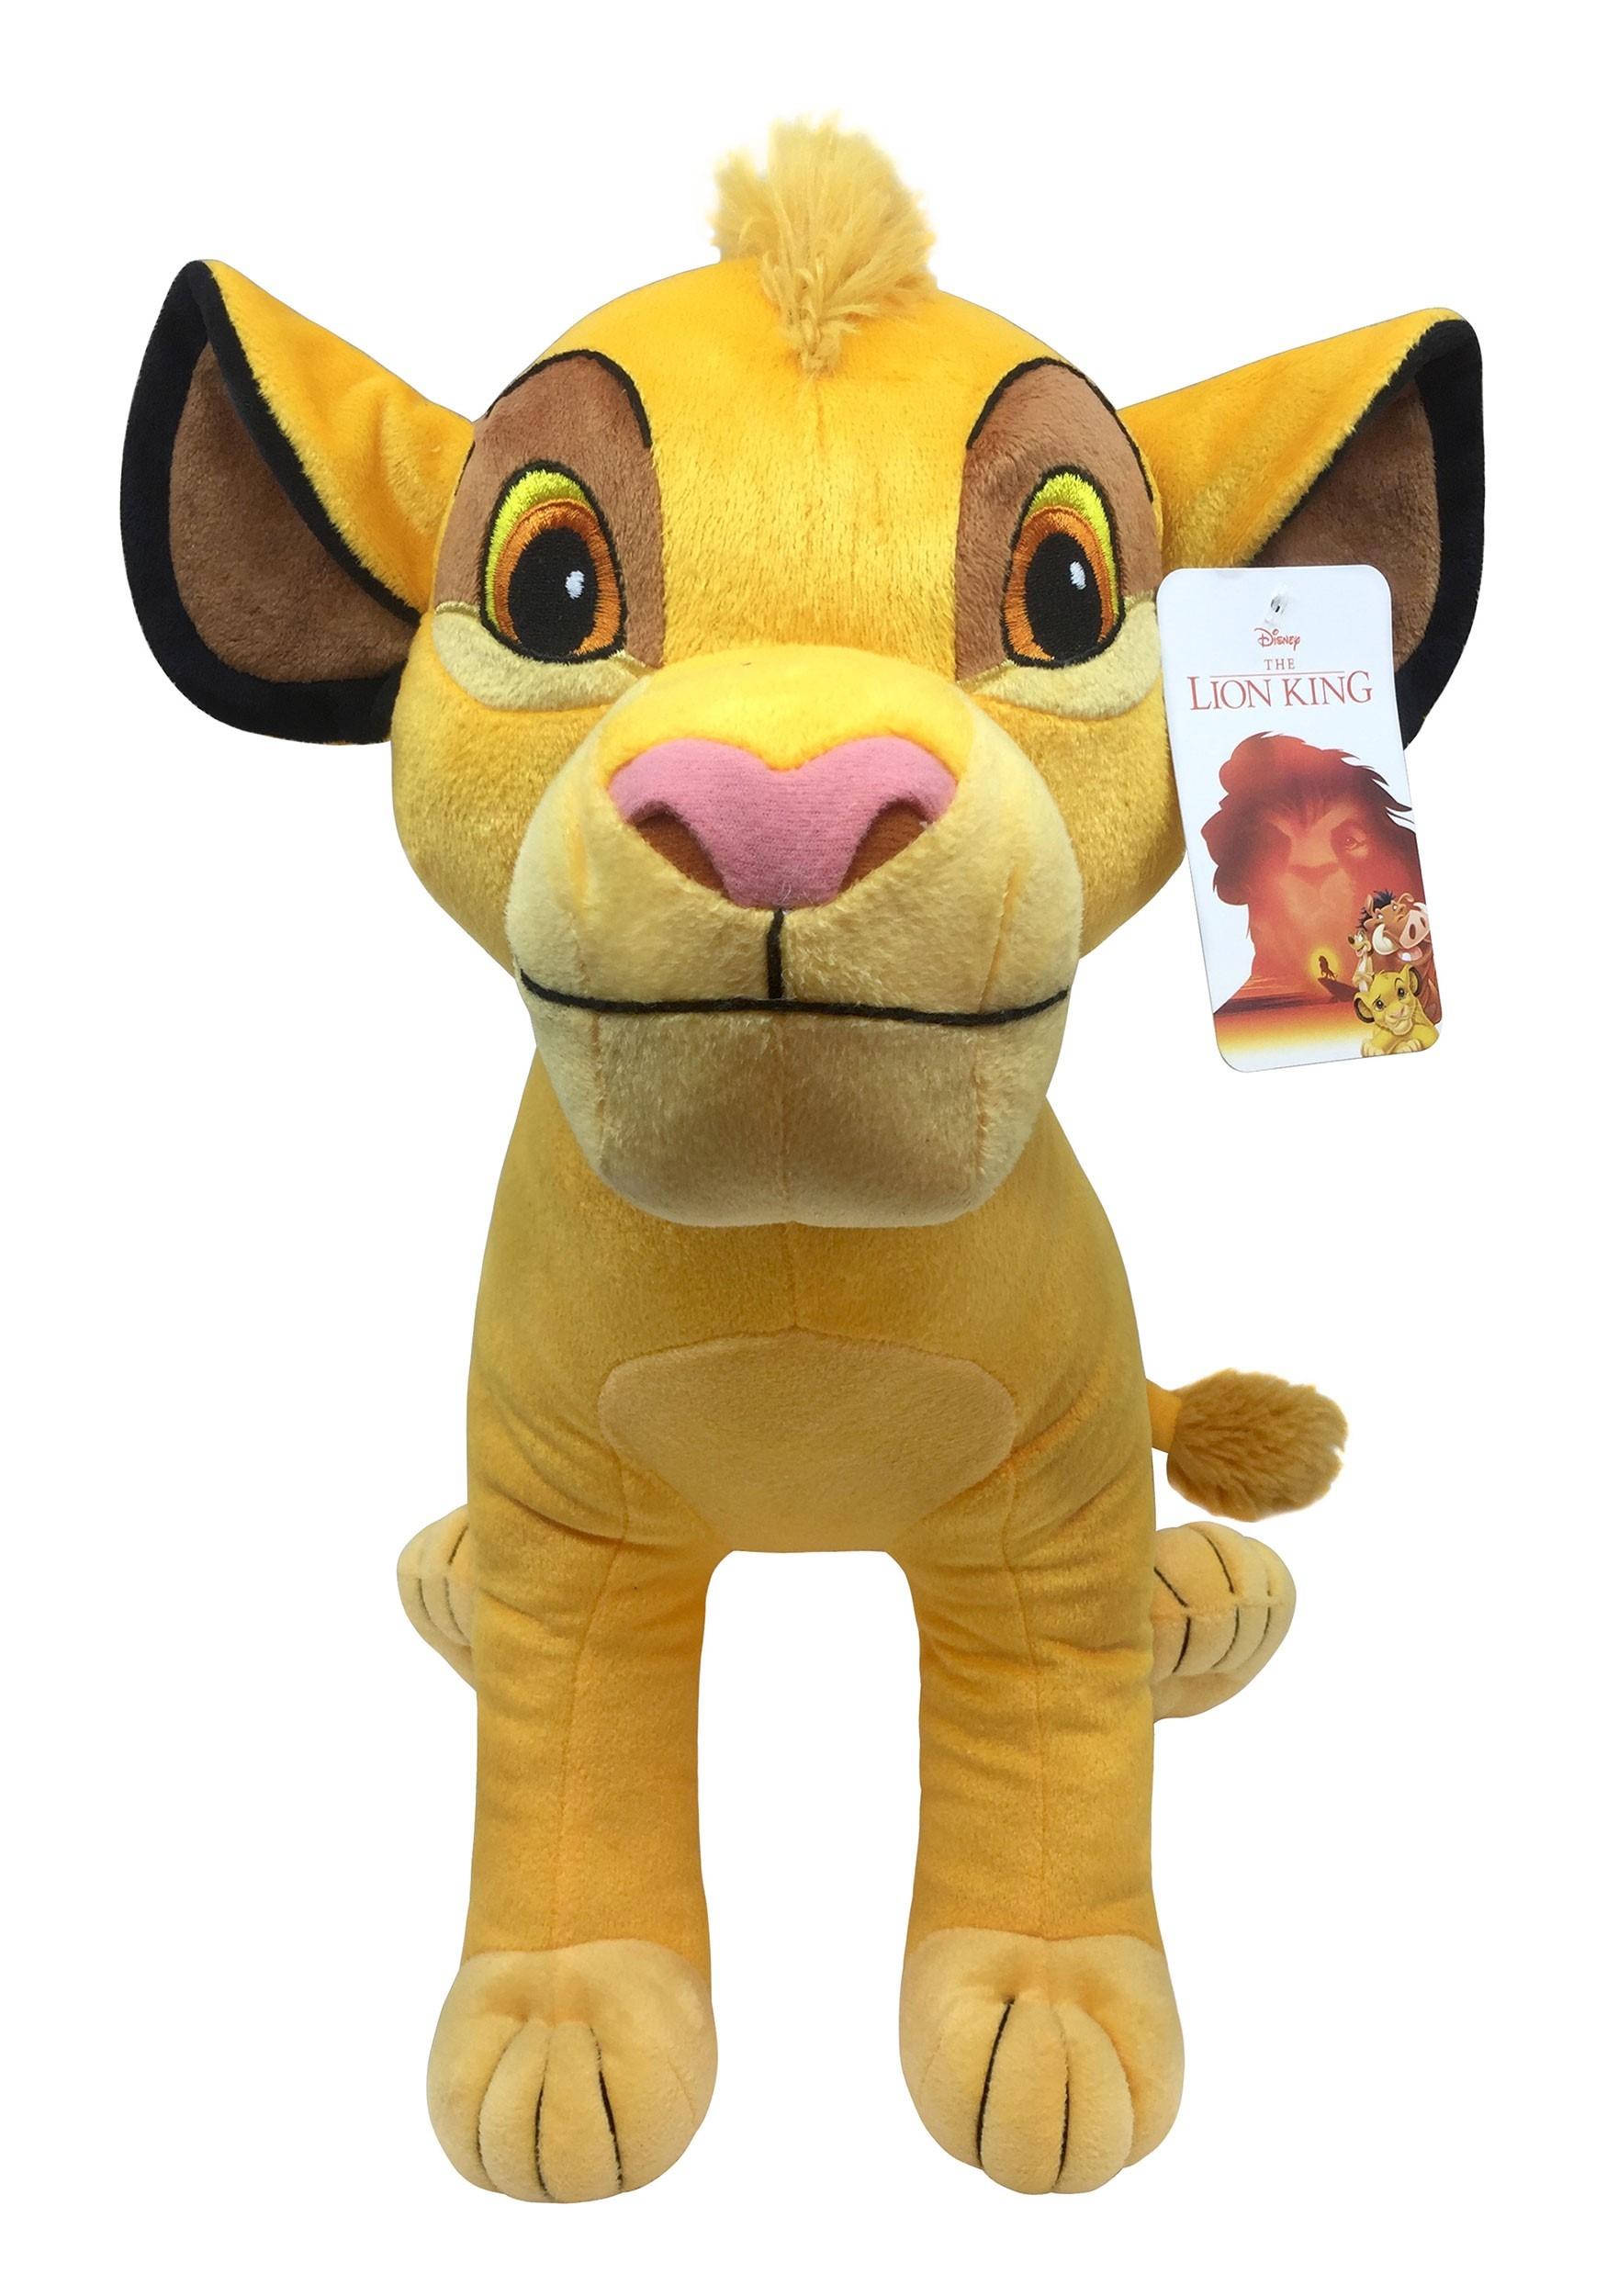 Simba Lion King Pillowbuddy